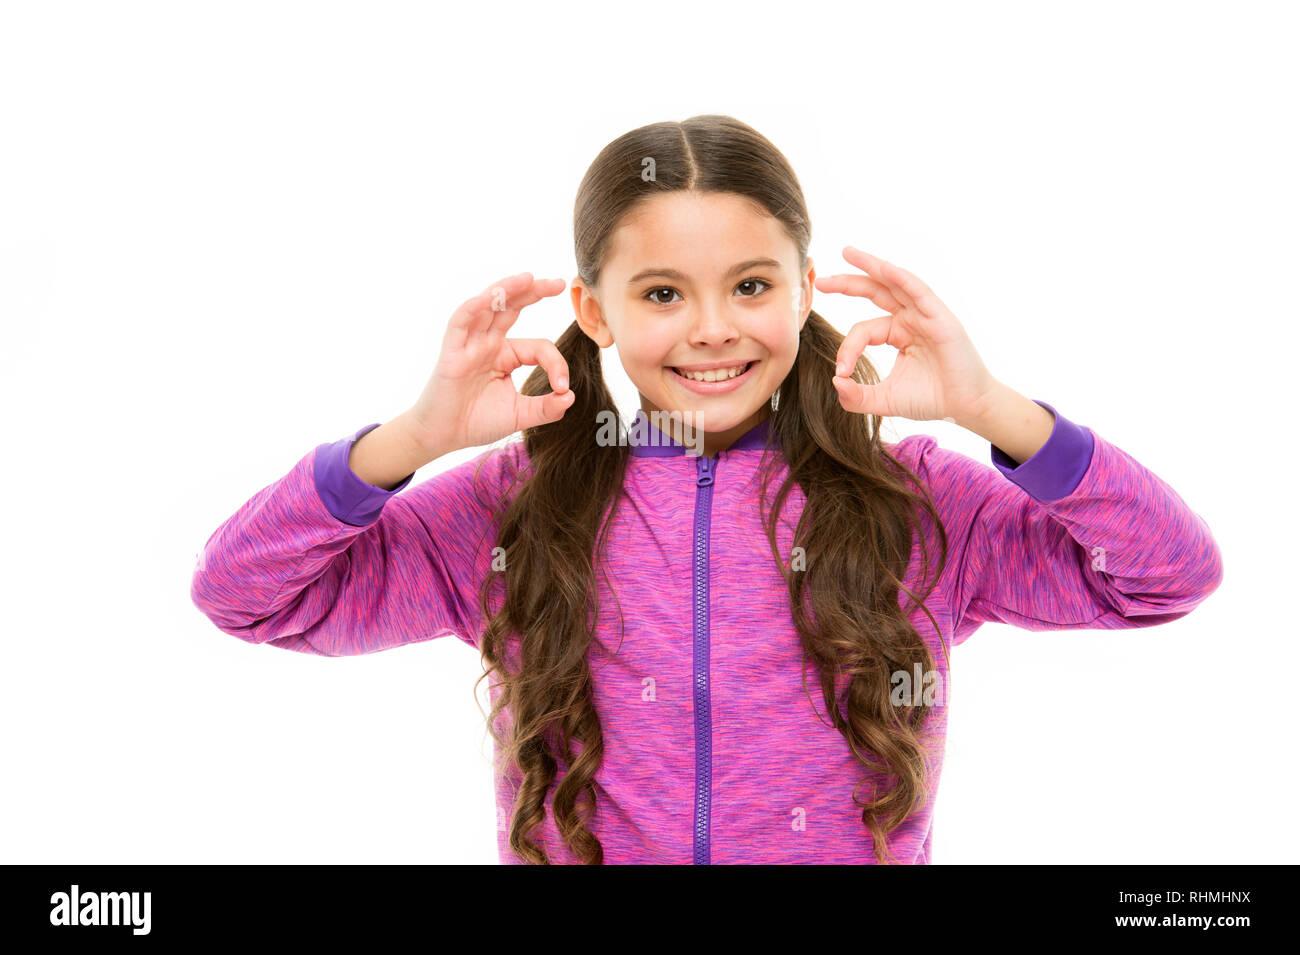 Cose che andrà bene. Ragazza bambino faccia felice mentre si visualizza ok gesto sfondo bianco. Kid soddisfatti di tutto. Tutto è ok o fine. Alright concetto. Bene gesto il linguaggio del corpo. Immagini Stock